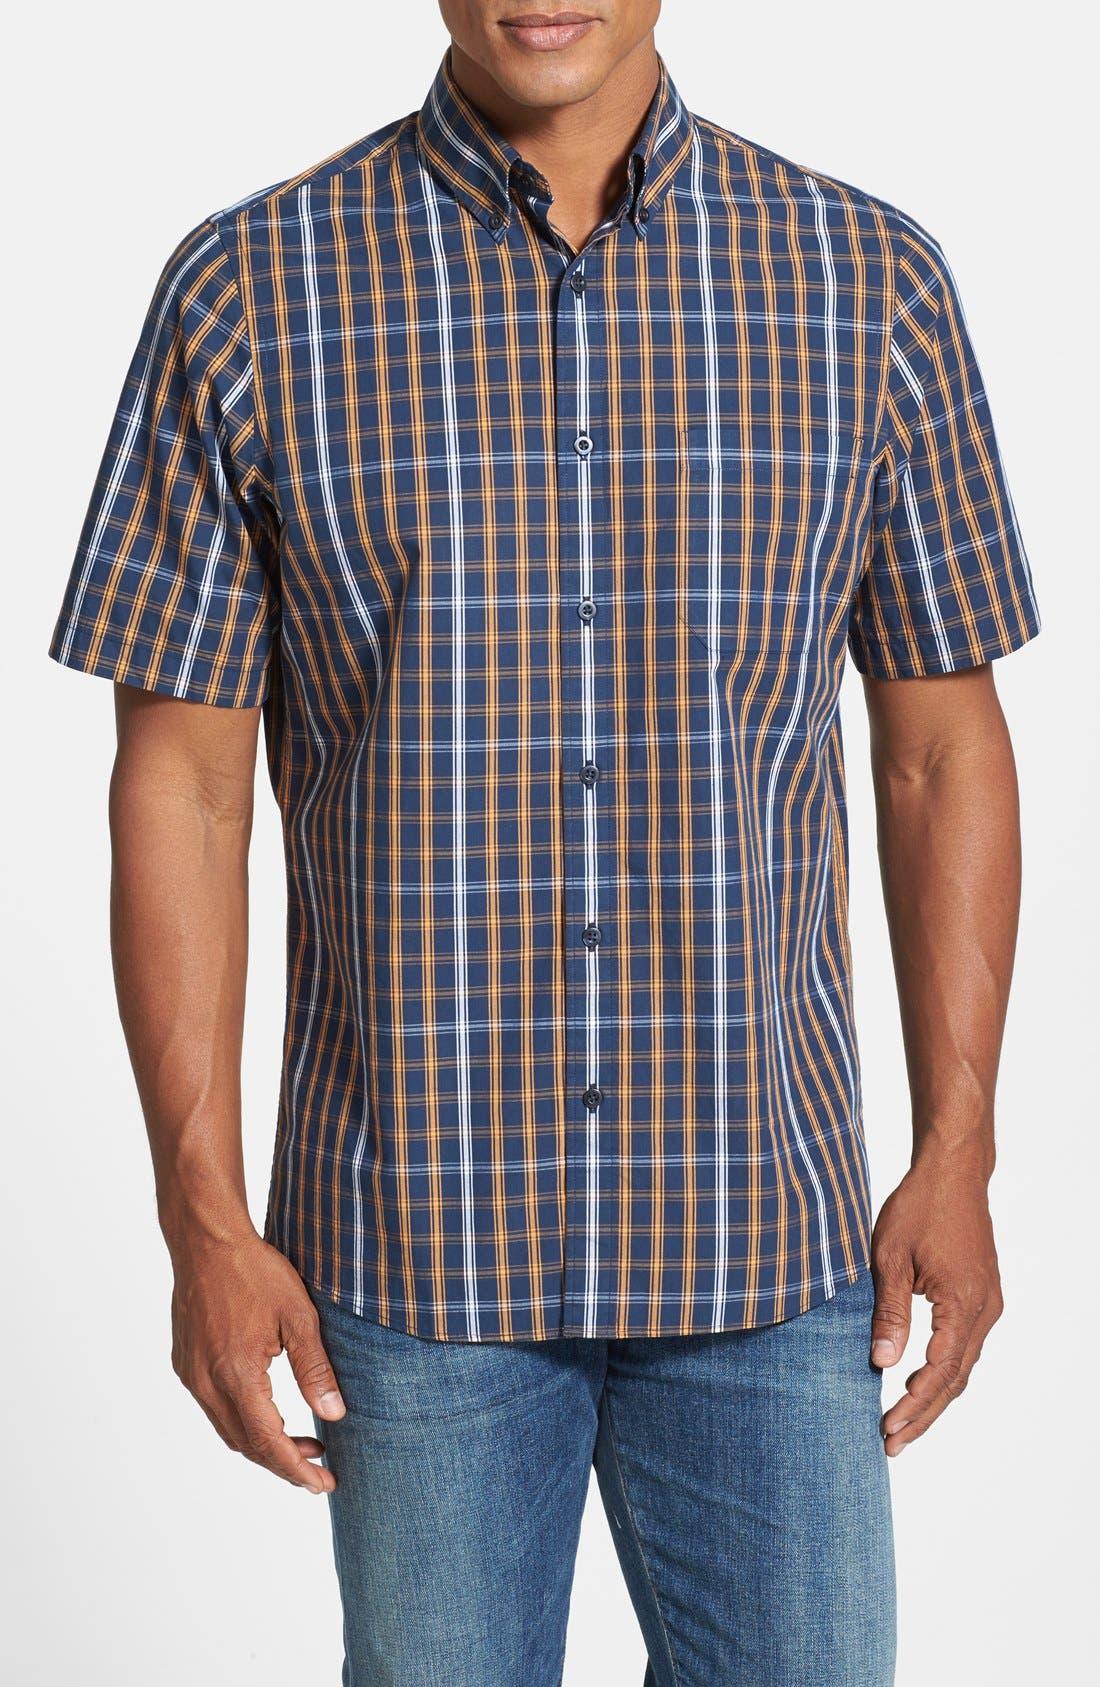 Alternate Image 1 Selected - Nordstrom Short Sleeve Woven Sport Shirt